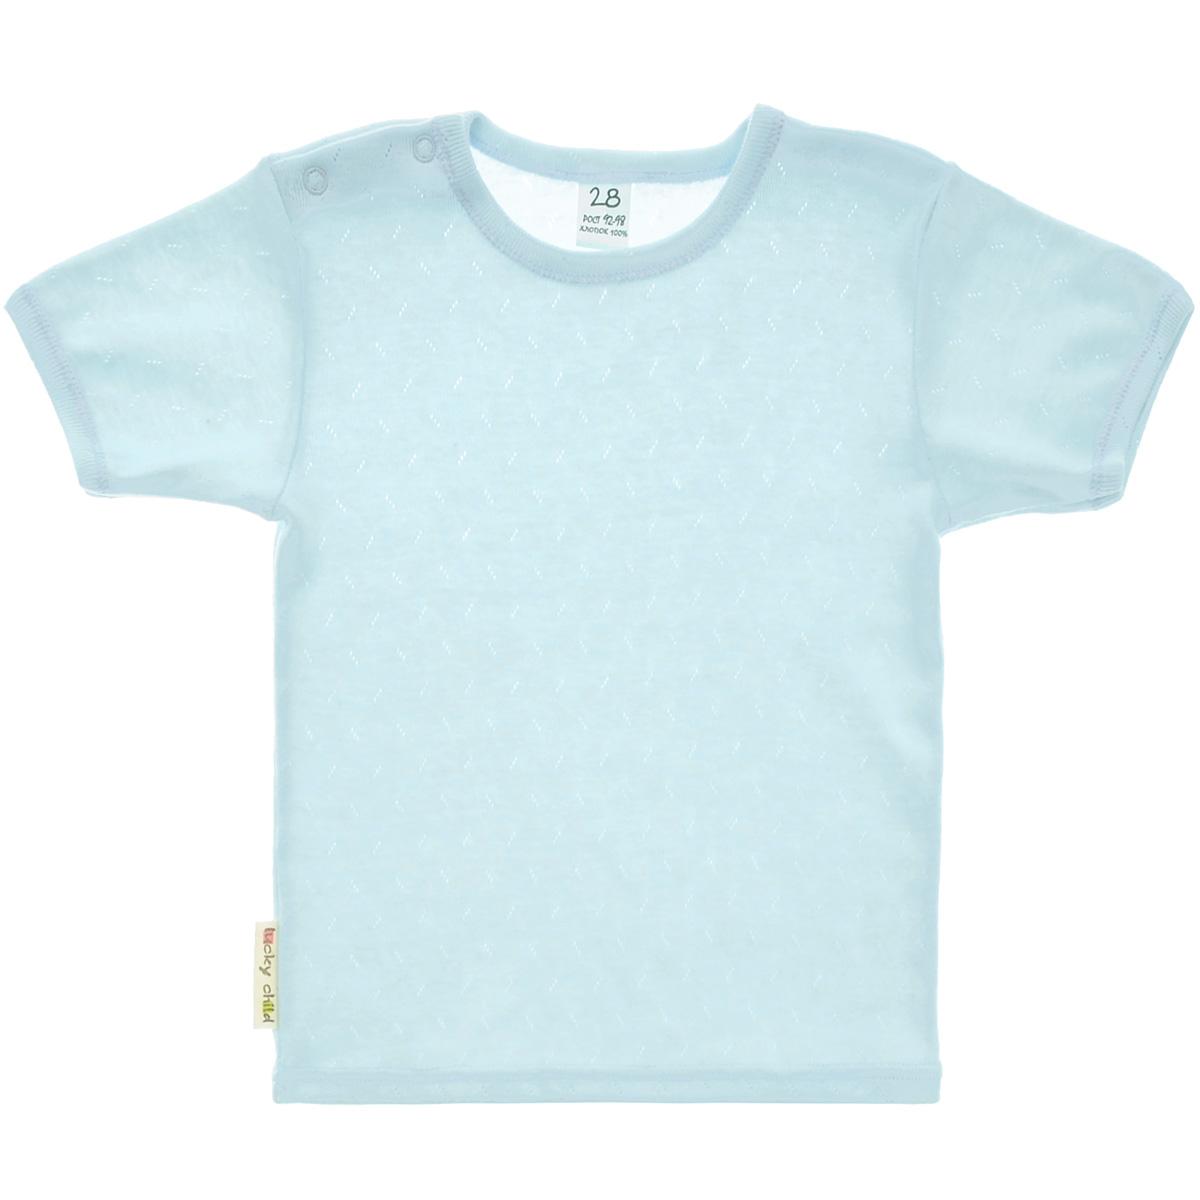 Футболка детская Lucky Child Ажур, цвет: голубой. 0-26. Размер 98/1040-26Футболка для новорожденного Lucky Child послужит идеальным дополнением к гардеробу вашего малыша, обеспечивая ему наибольший комфорт. Изготовленная из натурального хлопка, она необычайно мягкая и легкая, не раздражает нежную кожу ребенка и хорошо вентилируется, а эластичные швы приятны телу малыша и не препятствуют его движениям. Футболка с короткими рукавами, выполненная из ткани с ажурным узором, имеет кнопки по плечу, которые позволяют без труда переодеть младенца. Футболка полностью соответствует особенностям жизни ребенка в ранний период, не стесняя и не ограничивая его в движениях.